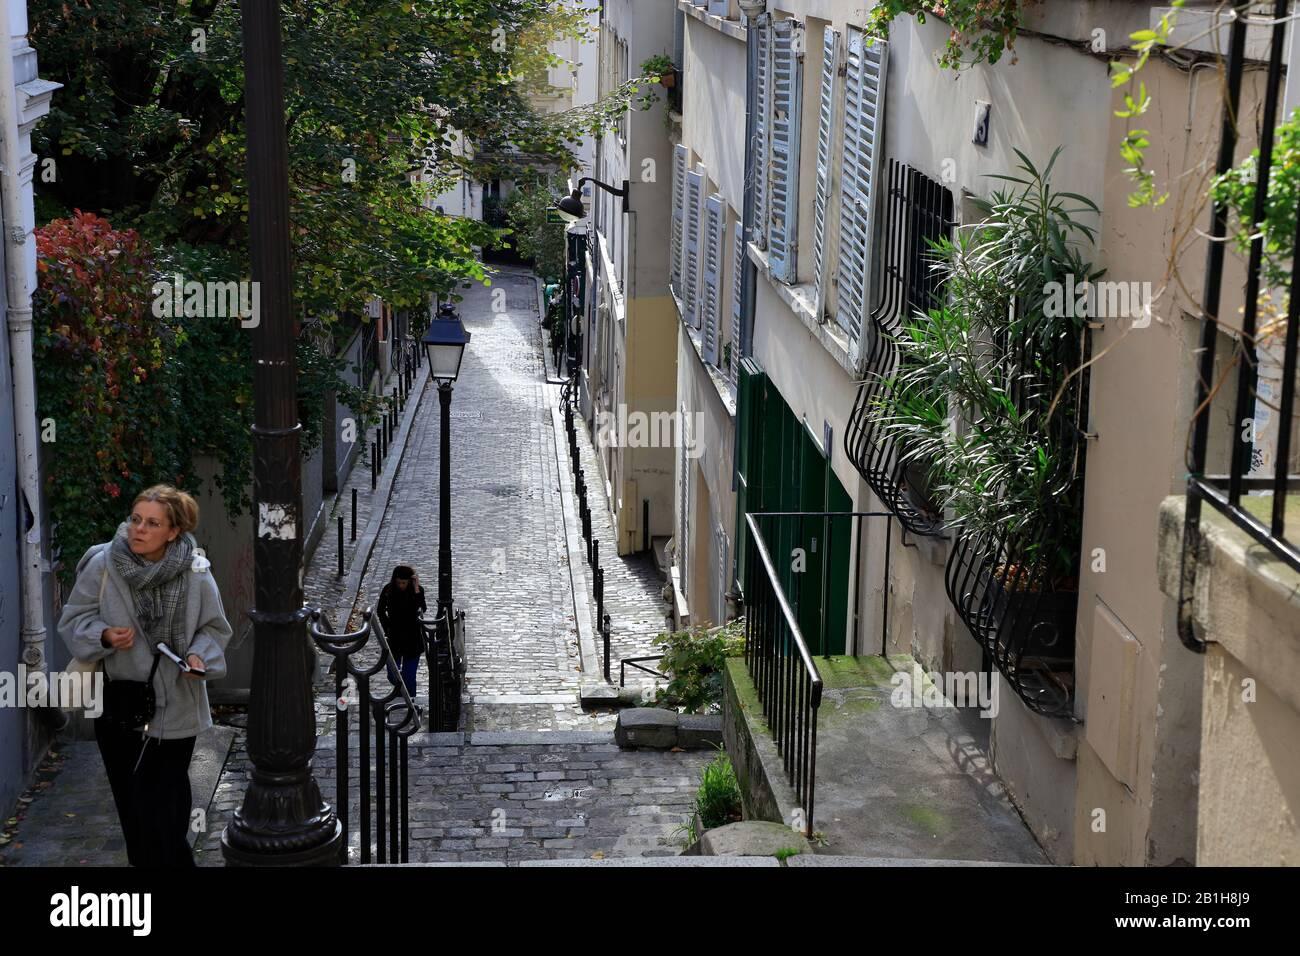 Piéton marchant dans la rue escarpée de Montmartre.Paris.France Banque D'Images